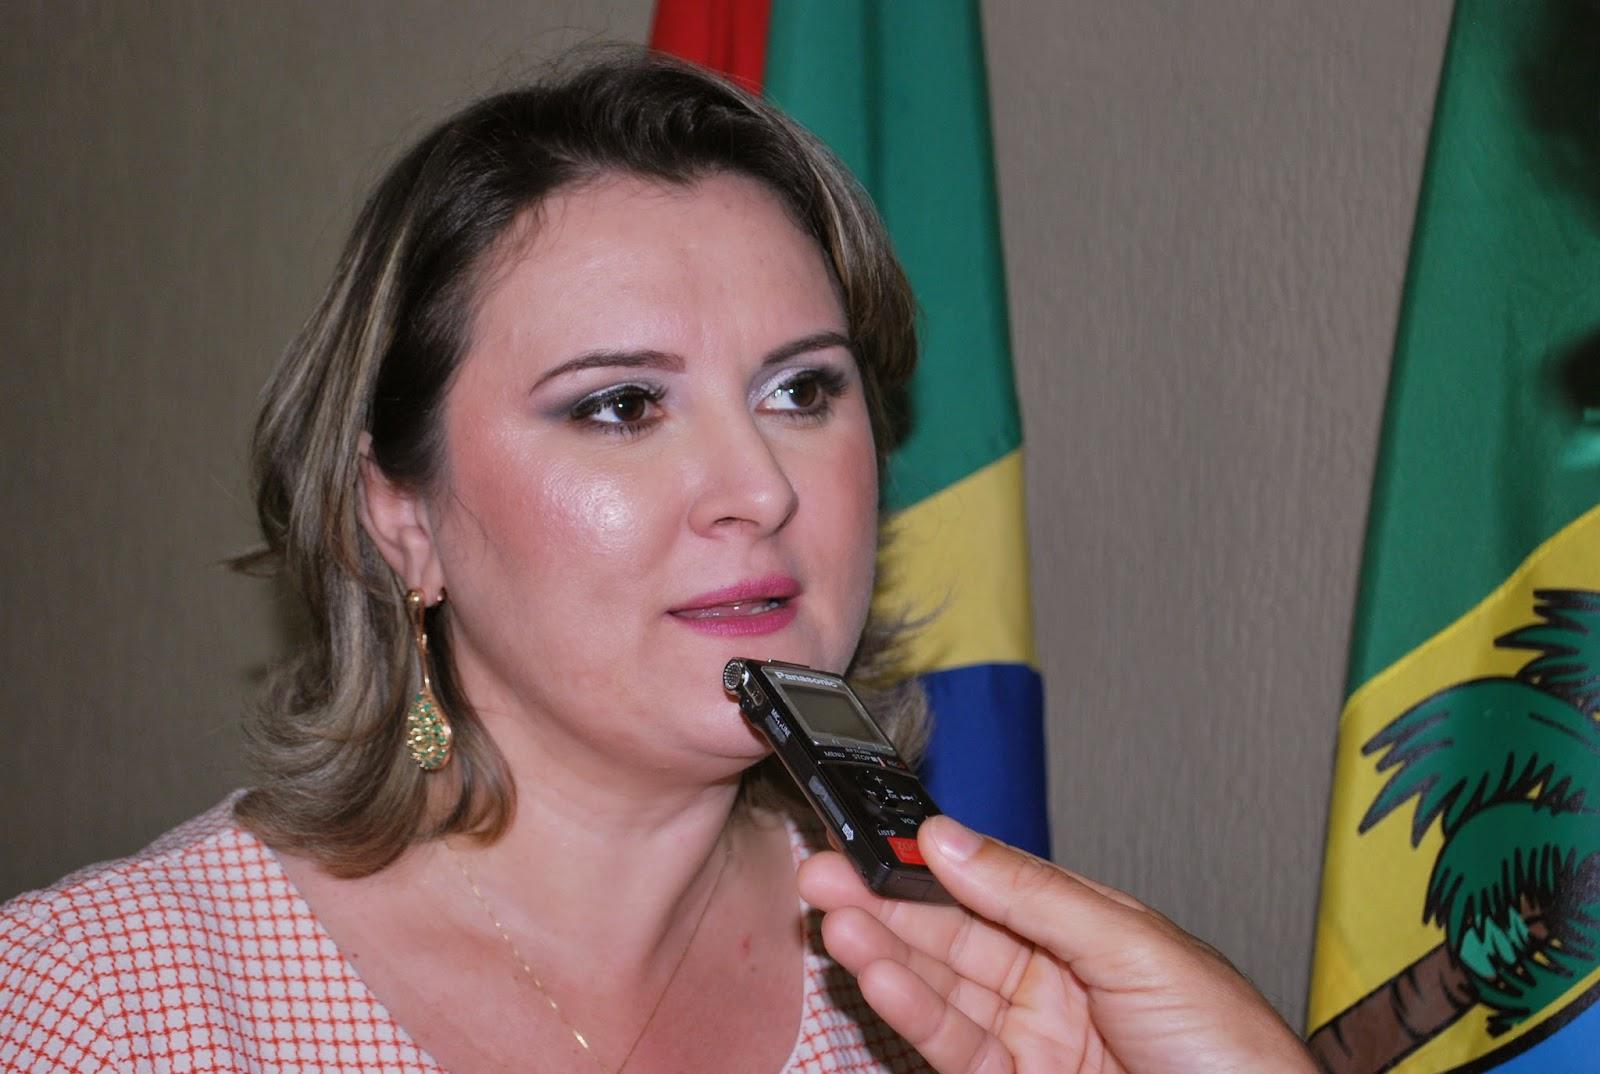 MPRN denuncia prefeita de Santana dos Matos e pede realização de concurso público